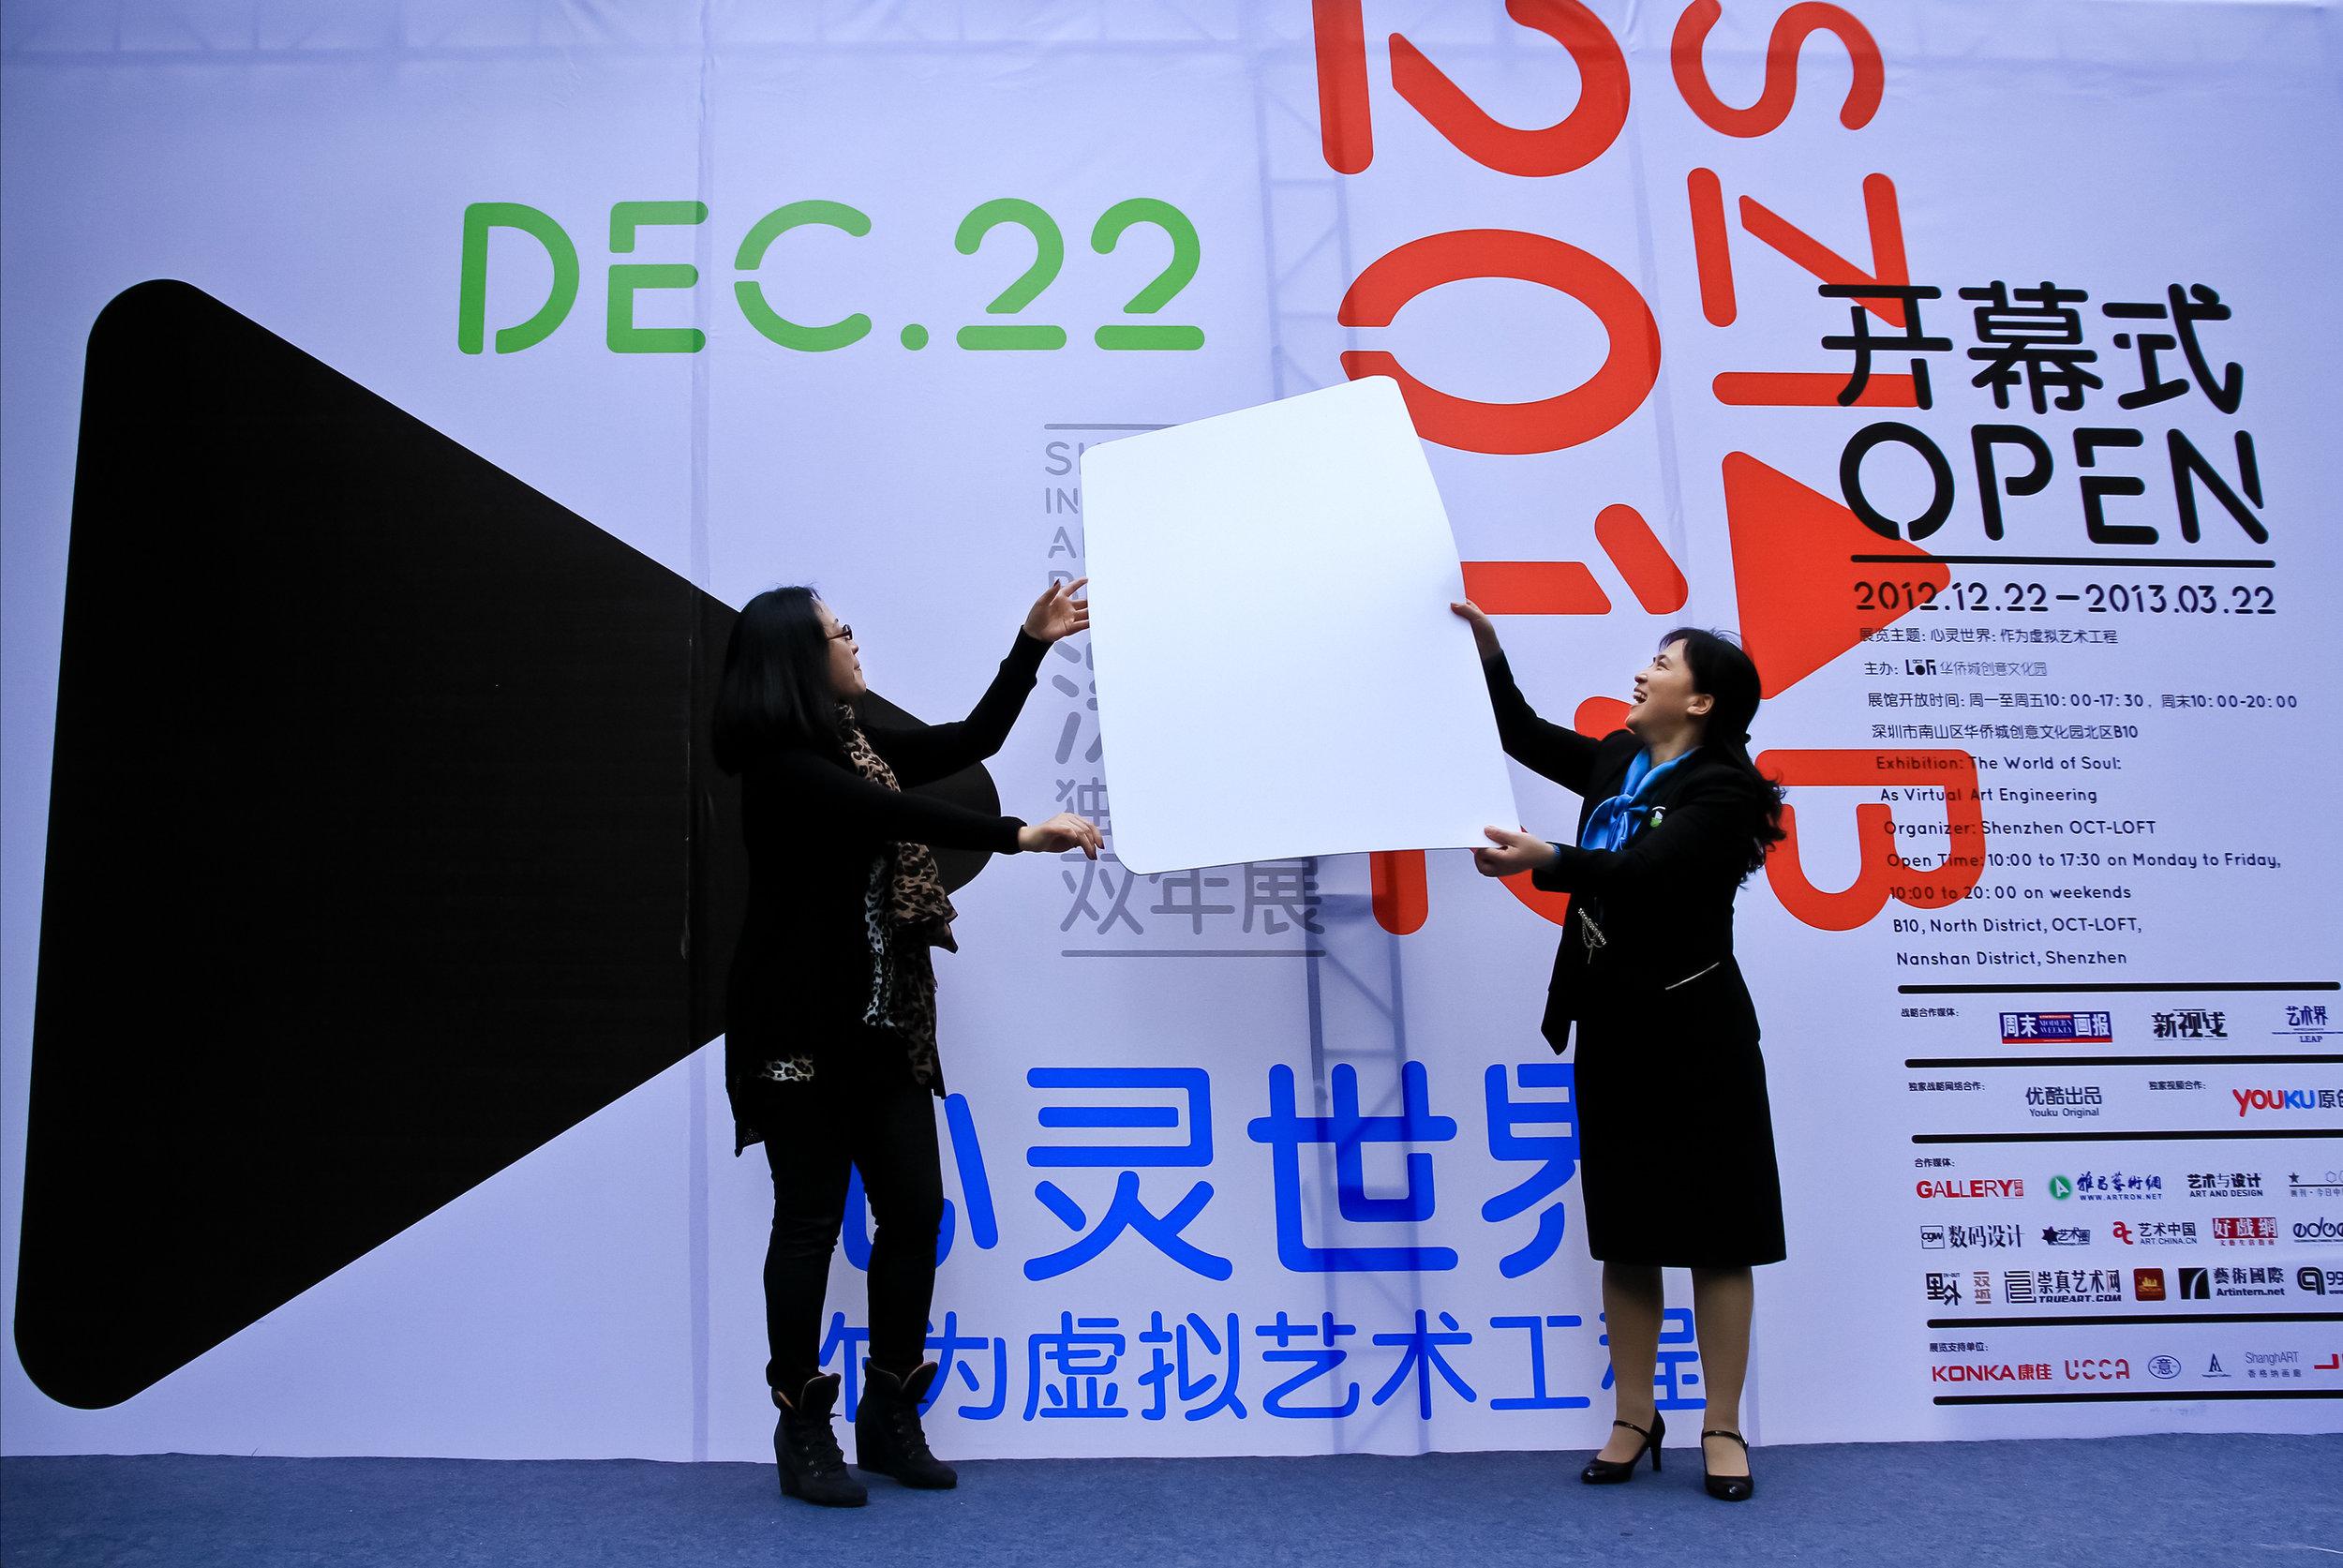 20121222首届深圳独立动画双年展14 欧阳勇 摄影.jpg